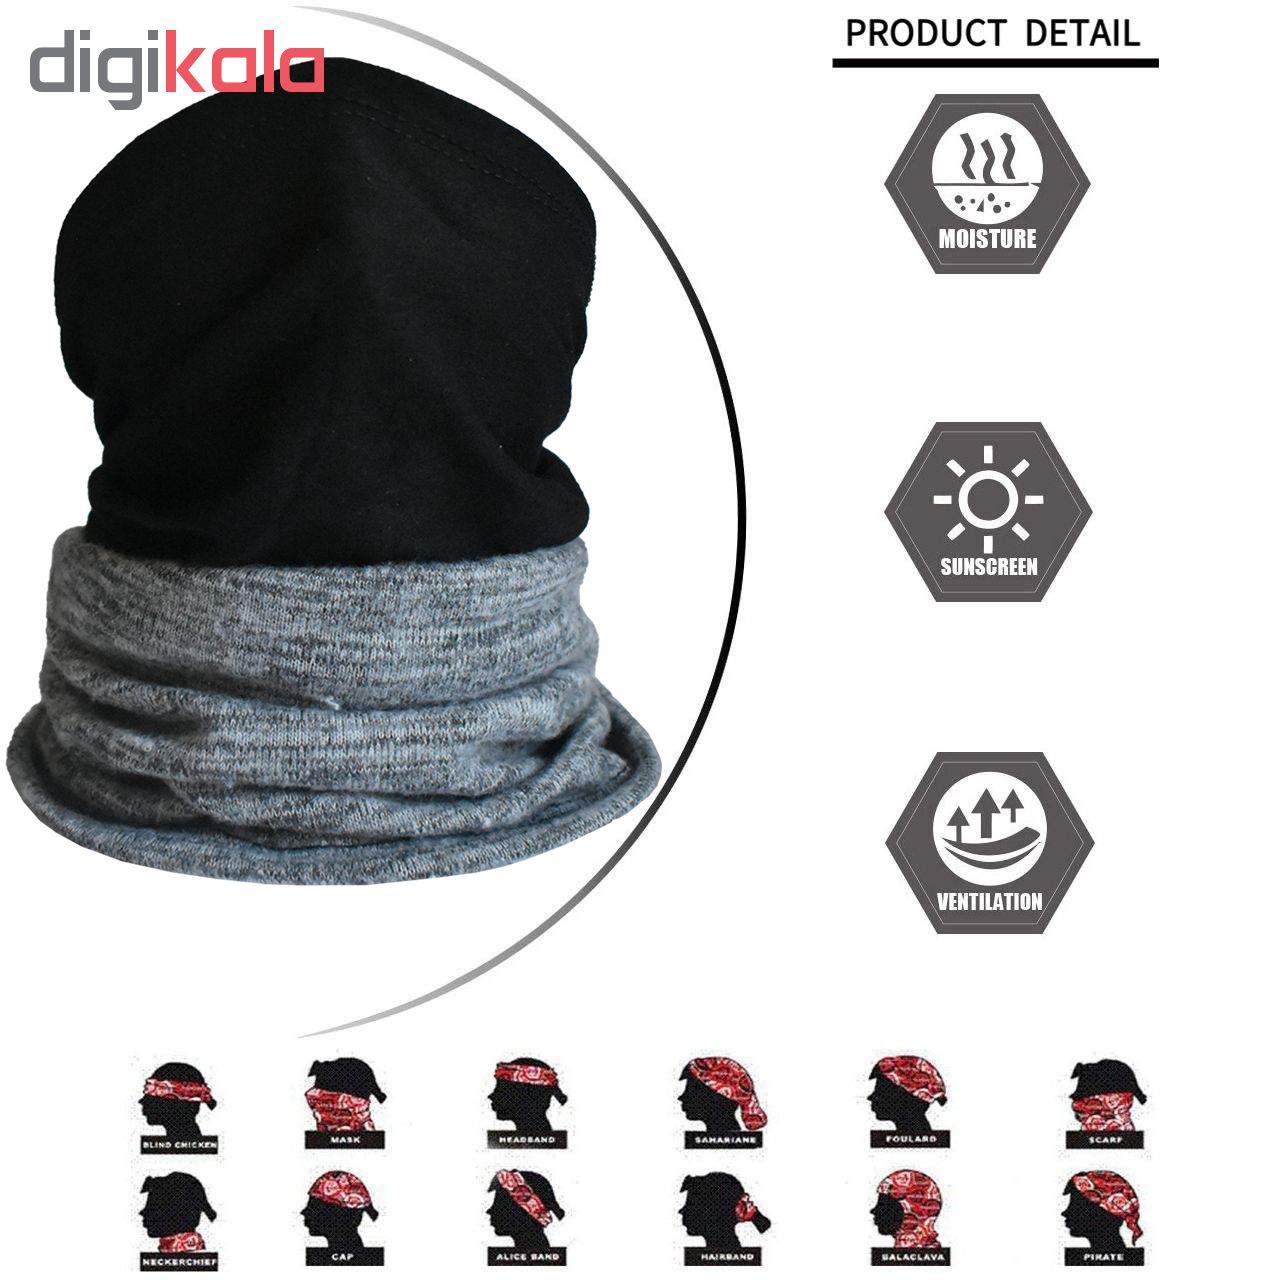 دستمال سر و گردن چابوک مدل Season کد 2018W